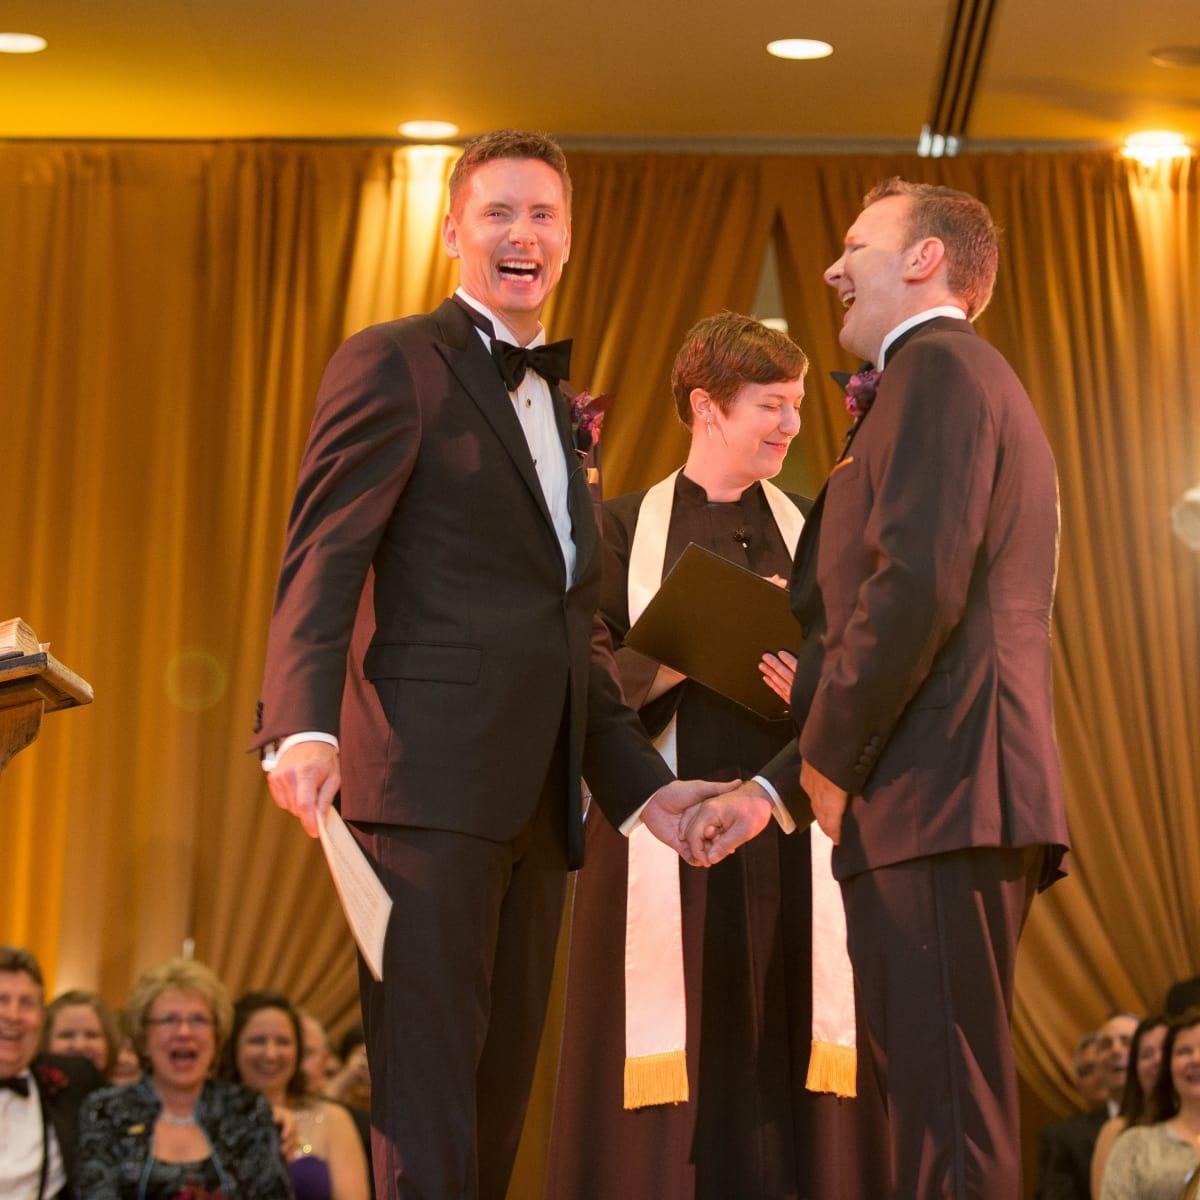 David & Korbin Wedding